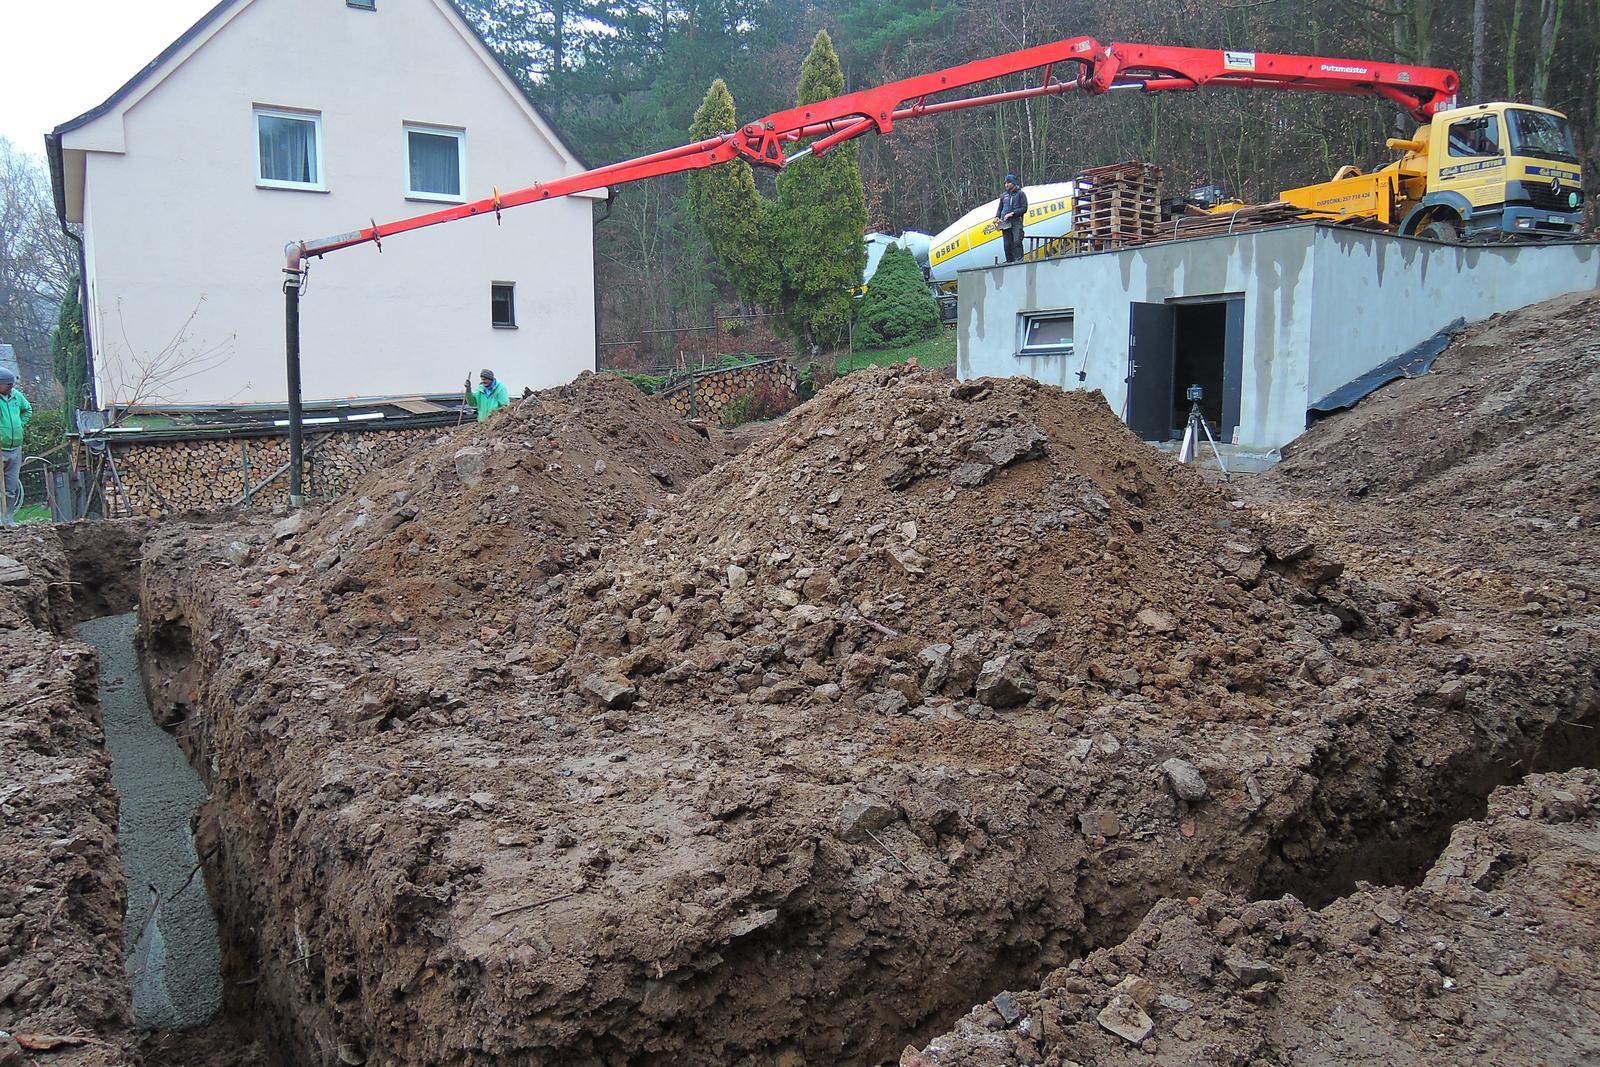 Stavba našeho bungalovu ve svahu - Základové pásy - nakonec hlubší, širší, dražší, v časovém skluzu...ale jsou!